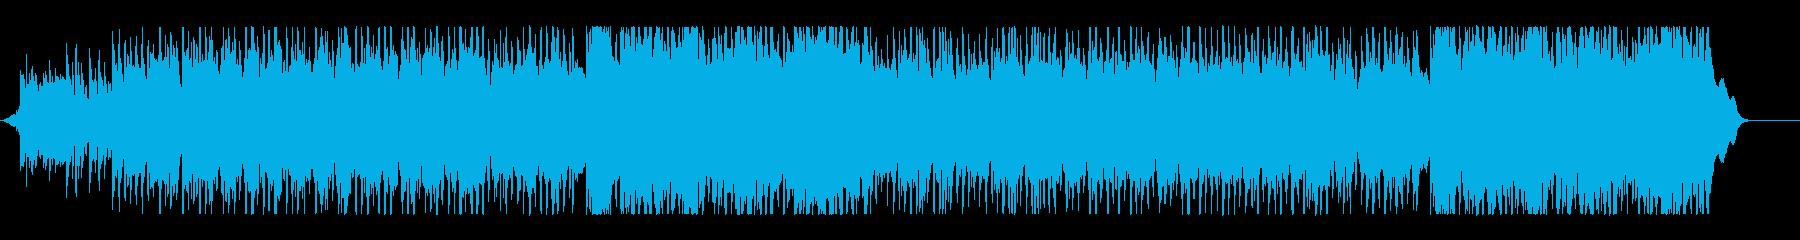 生演奏アコギ 多幸感のある明るいBGMの再生済みの波形